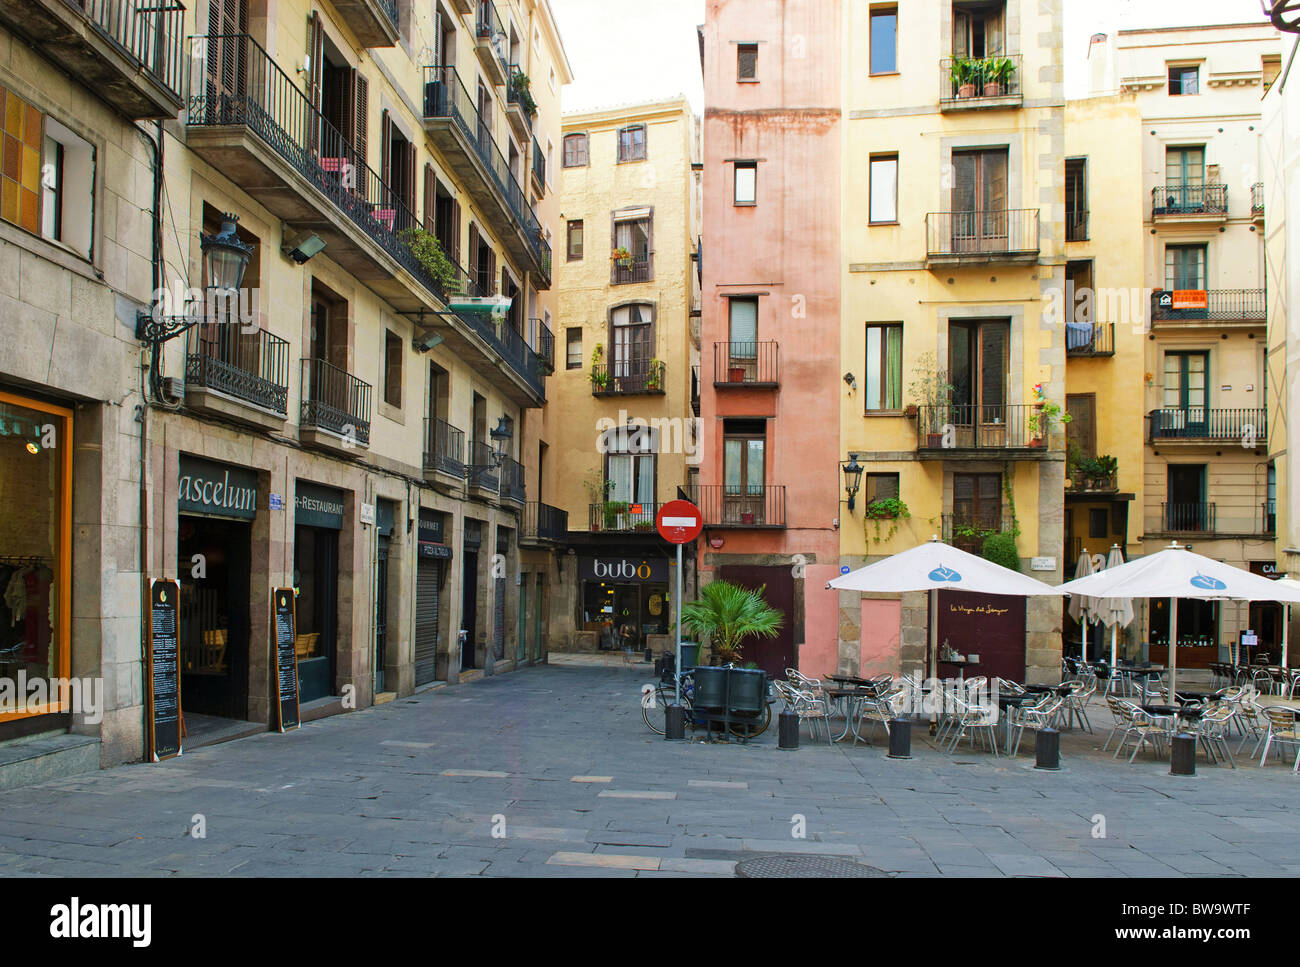 Plaza De Santa Maria Del Mar In Barcelona, Spain Stock Photo, Royalty Free Im...